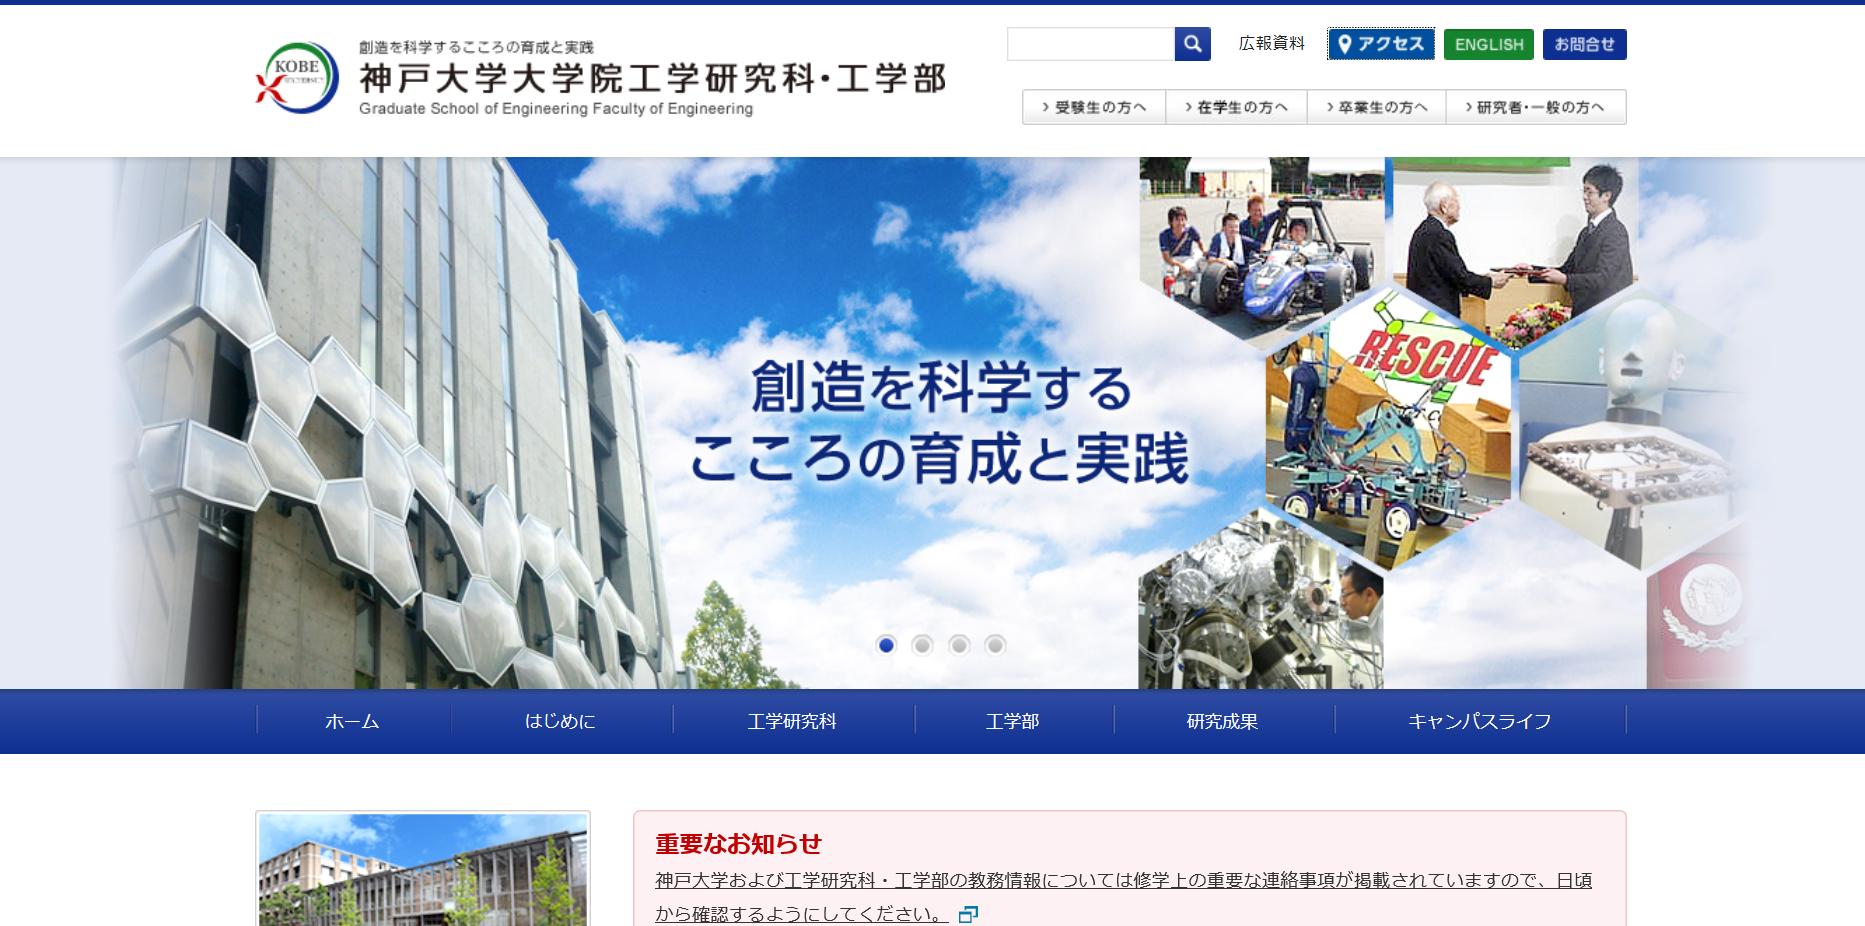 神戸大学の評判・口コミ【工学部編】